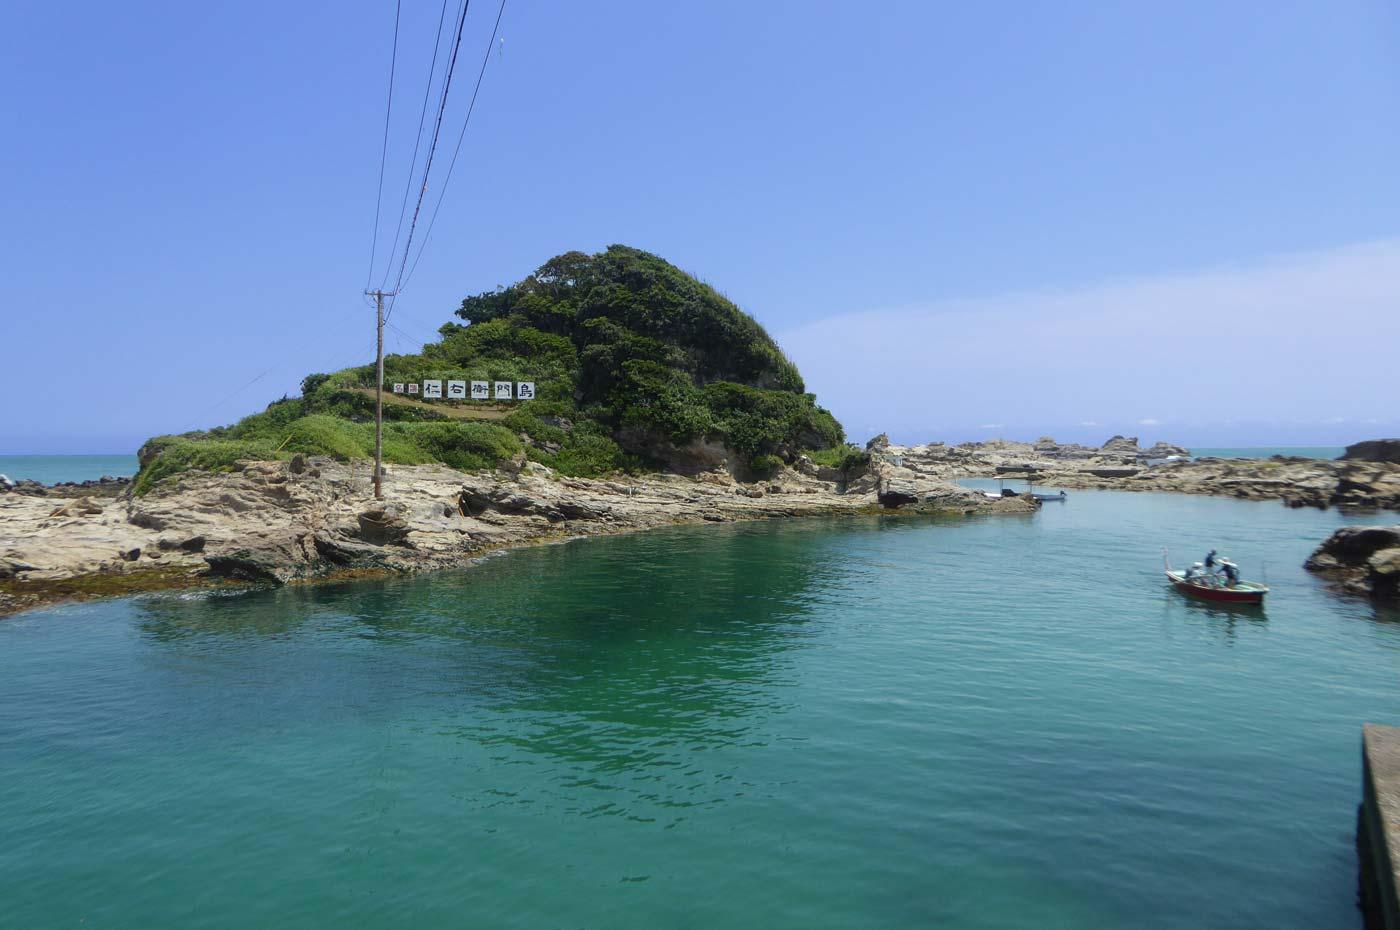 仁右衛門島の観光船の画像